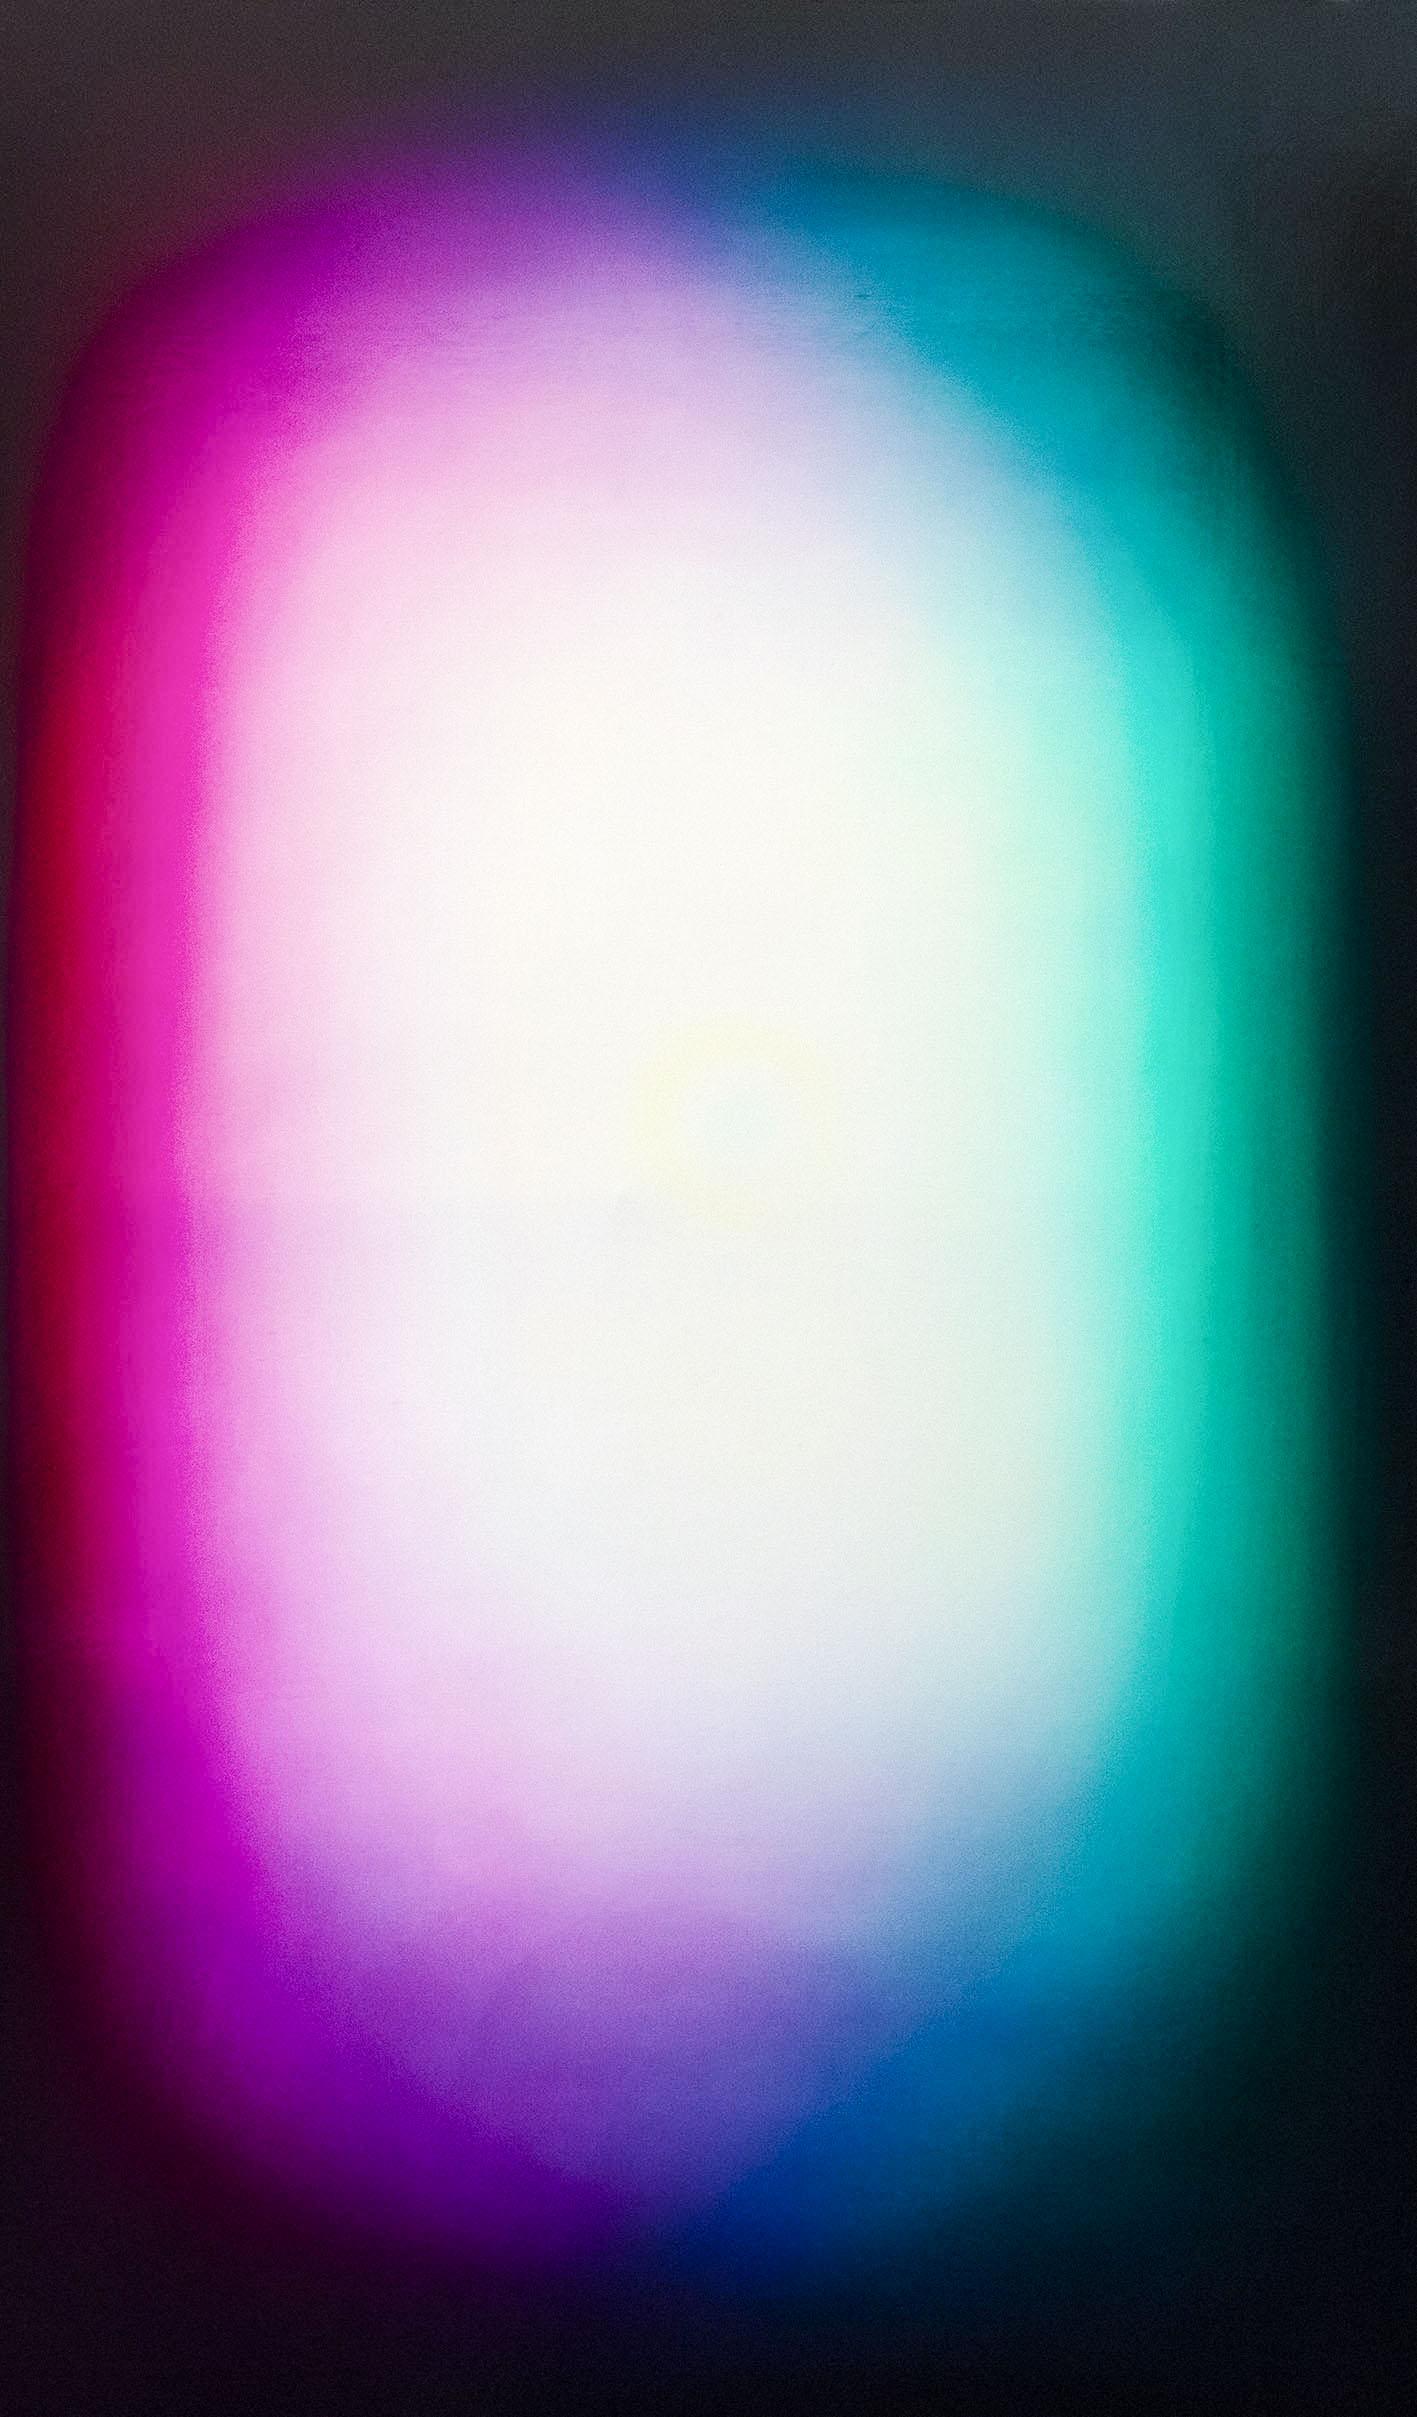 光7號 Light 7  150 x 89 cm 油彩畫布 Oil on Canvas 2017